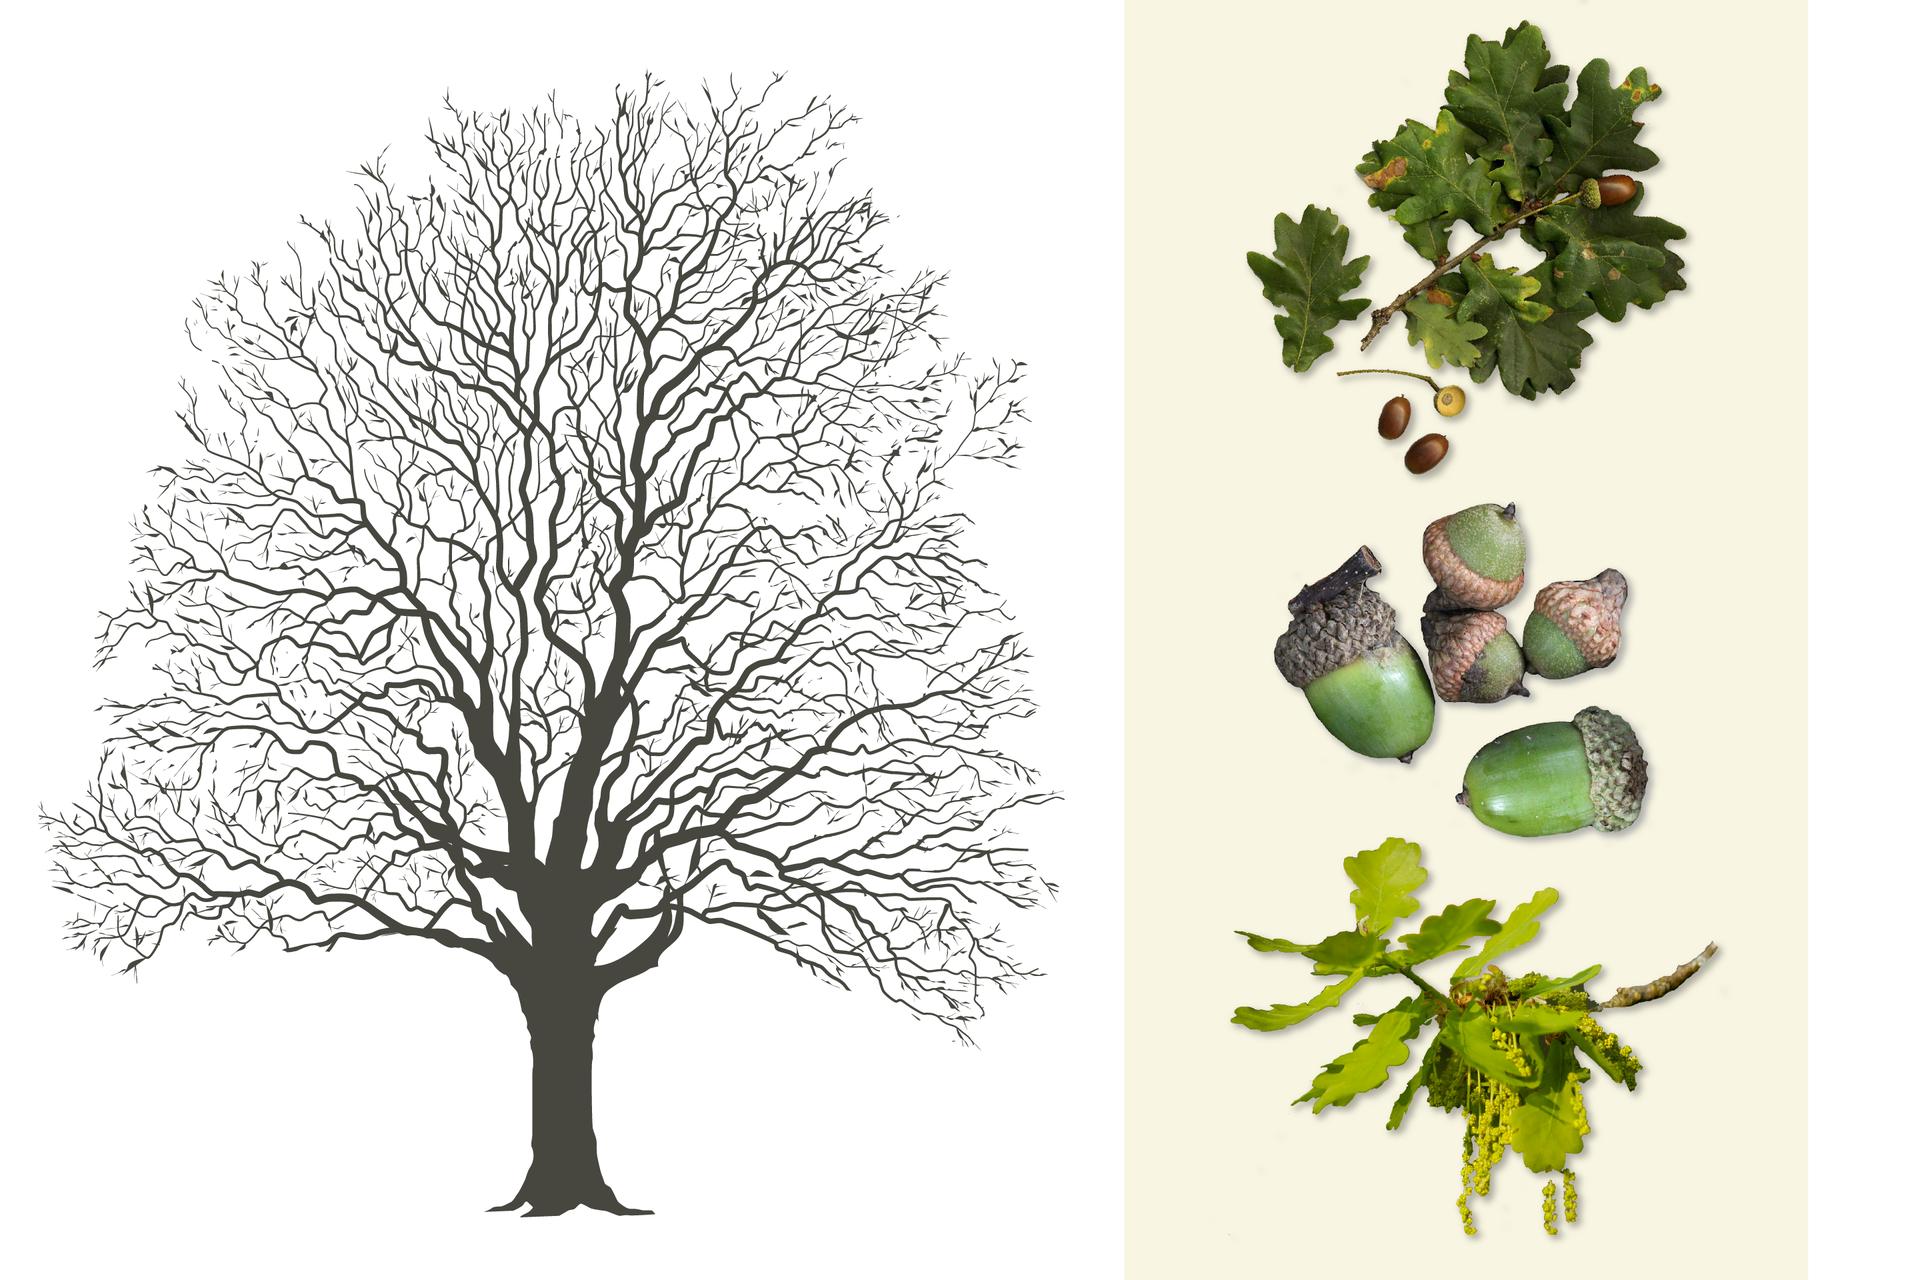 Ilustracja przedstawia ciemno szarą sylwetkę dębu. Po prawej od góry: gałązka zciemno zielonymi liśćmi iowocami. Wśrodku zbliżenie żołędzi: dwóch większych itrzech mniejszych owoców. Żołędzie są zielone imają chropowatą, brązową czapeczkę. Poniżej gałązka zżółto zielonymi liśćmi iżółtymi kwiatami dębu, zebranymi wcienki, zwisające kwiatostany.